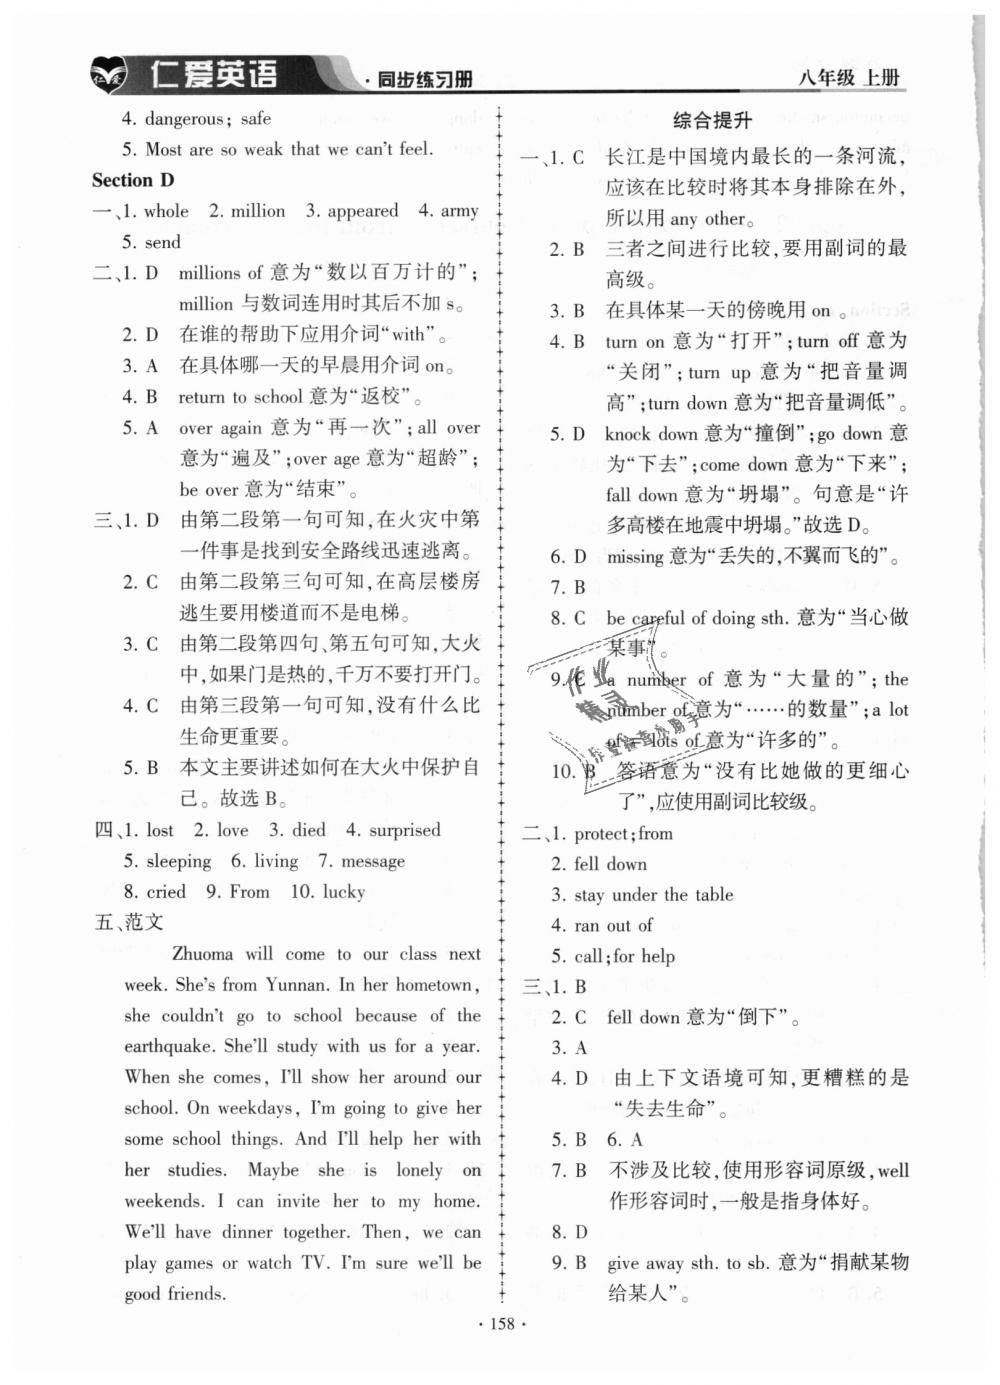 2018年仁爱英语同步练习册八年级上册E第28页